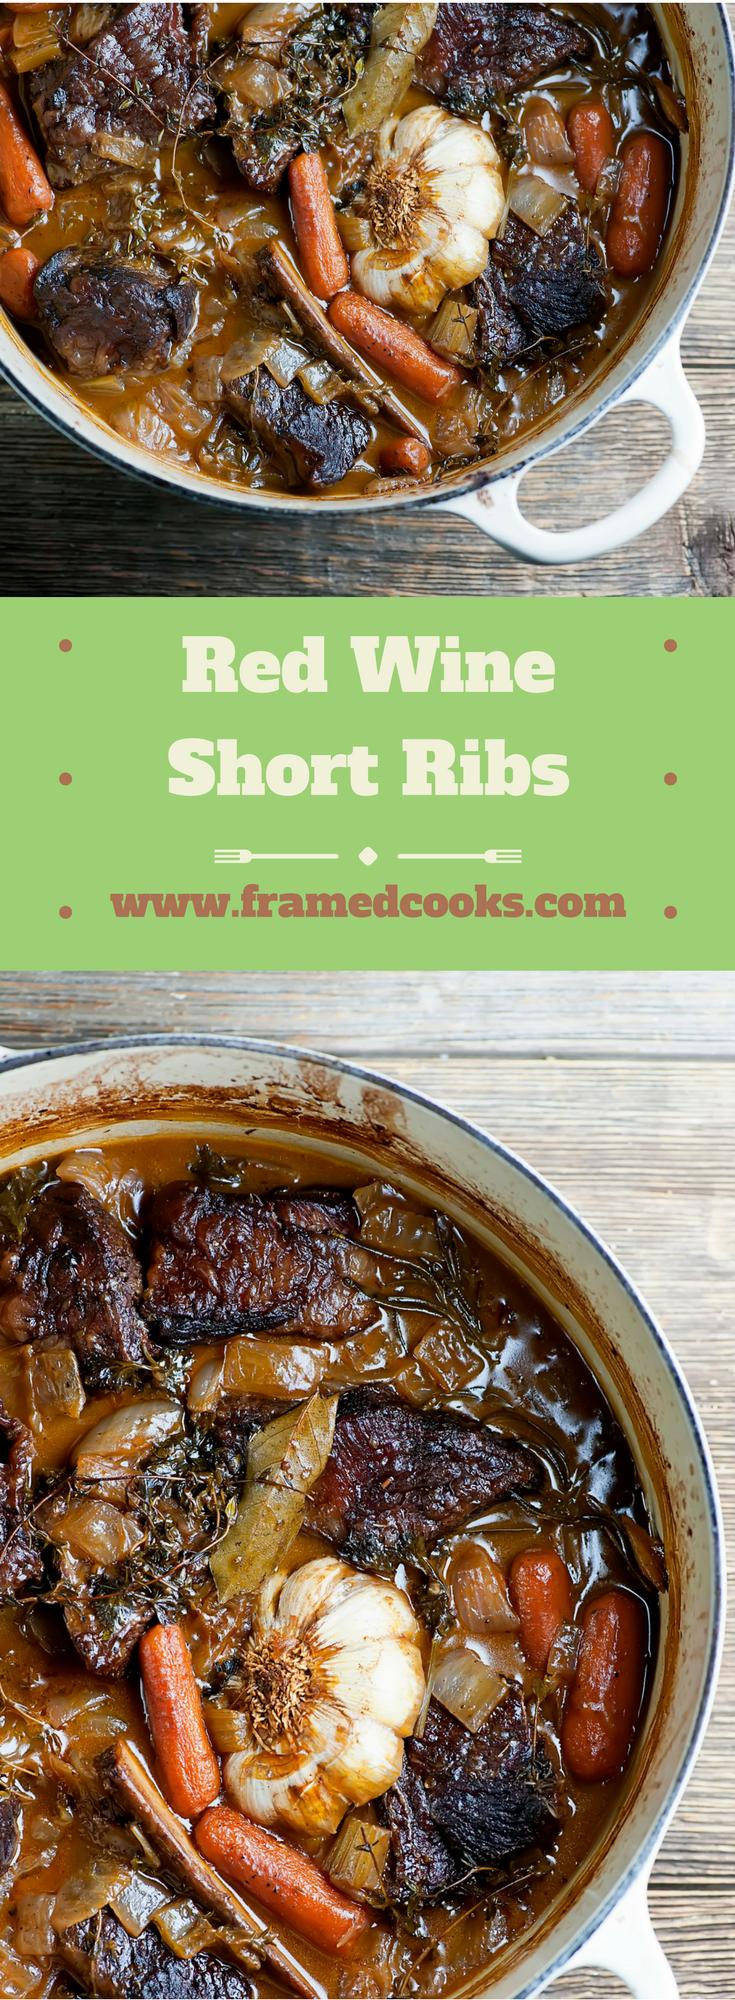 Red Wine Short Ribs #fallrecipesdinner